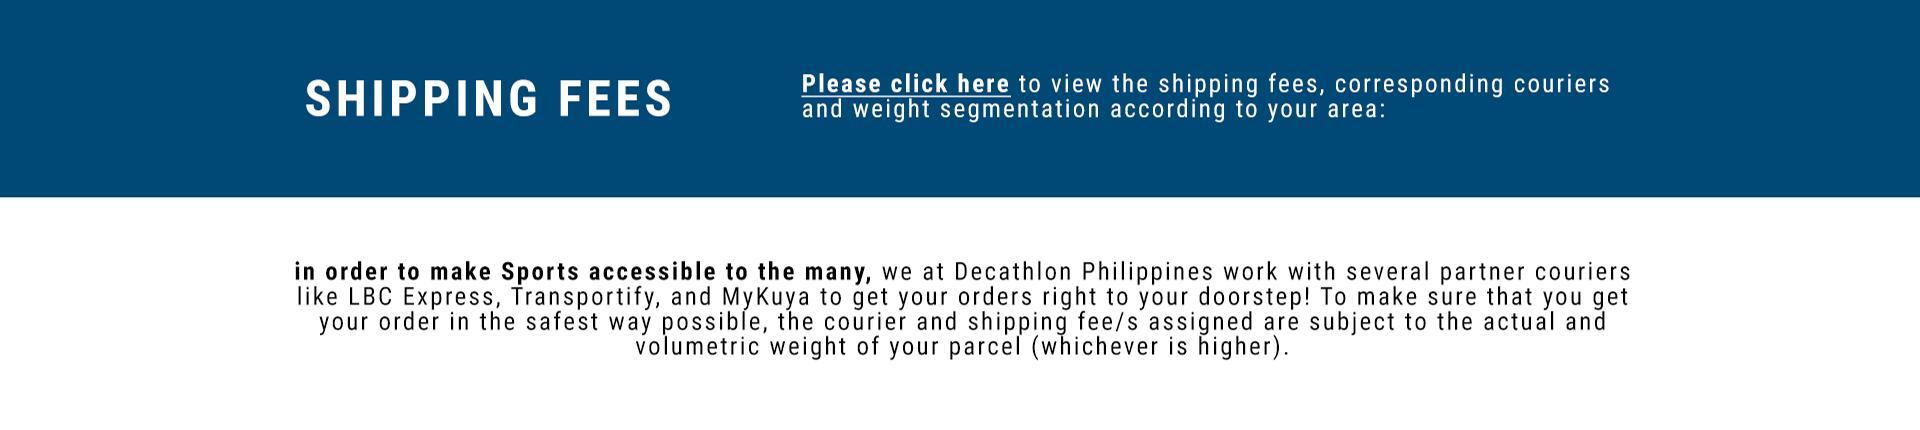 Shipping Fees Breakdown